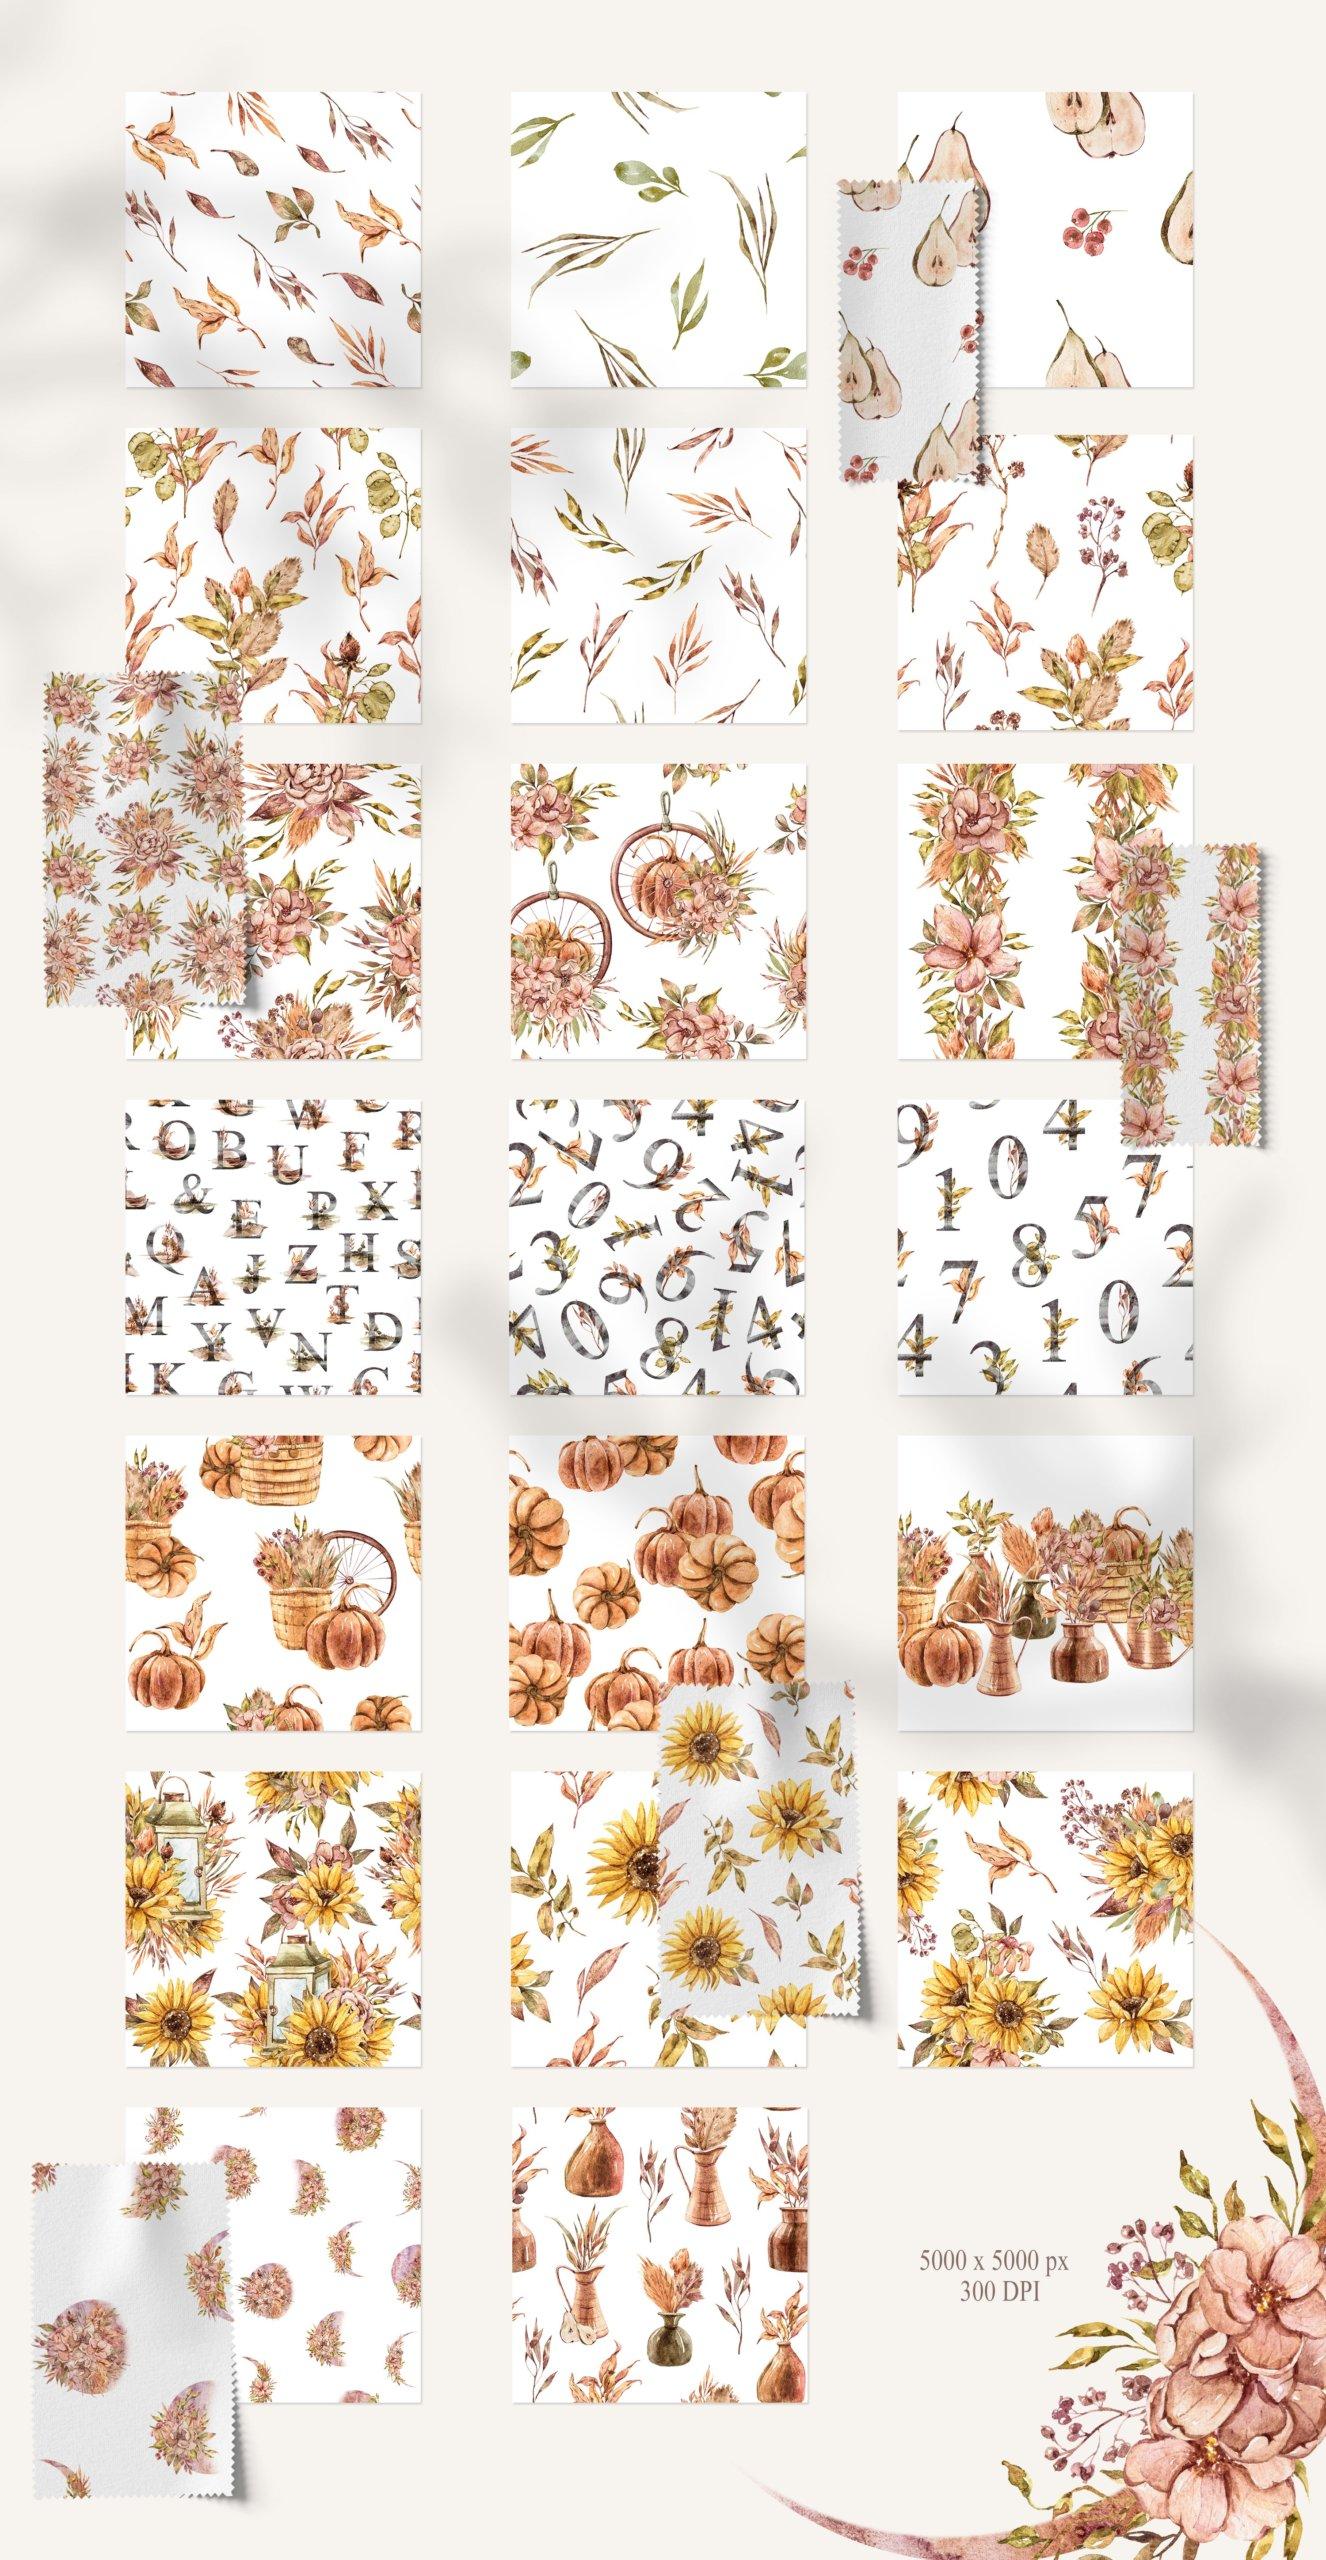 15款高清花卉字母手绘水彩插图图片设计素材 Watercolor Floral Seamless Patterns插图2